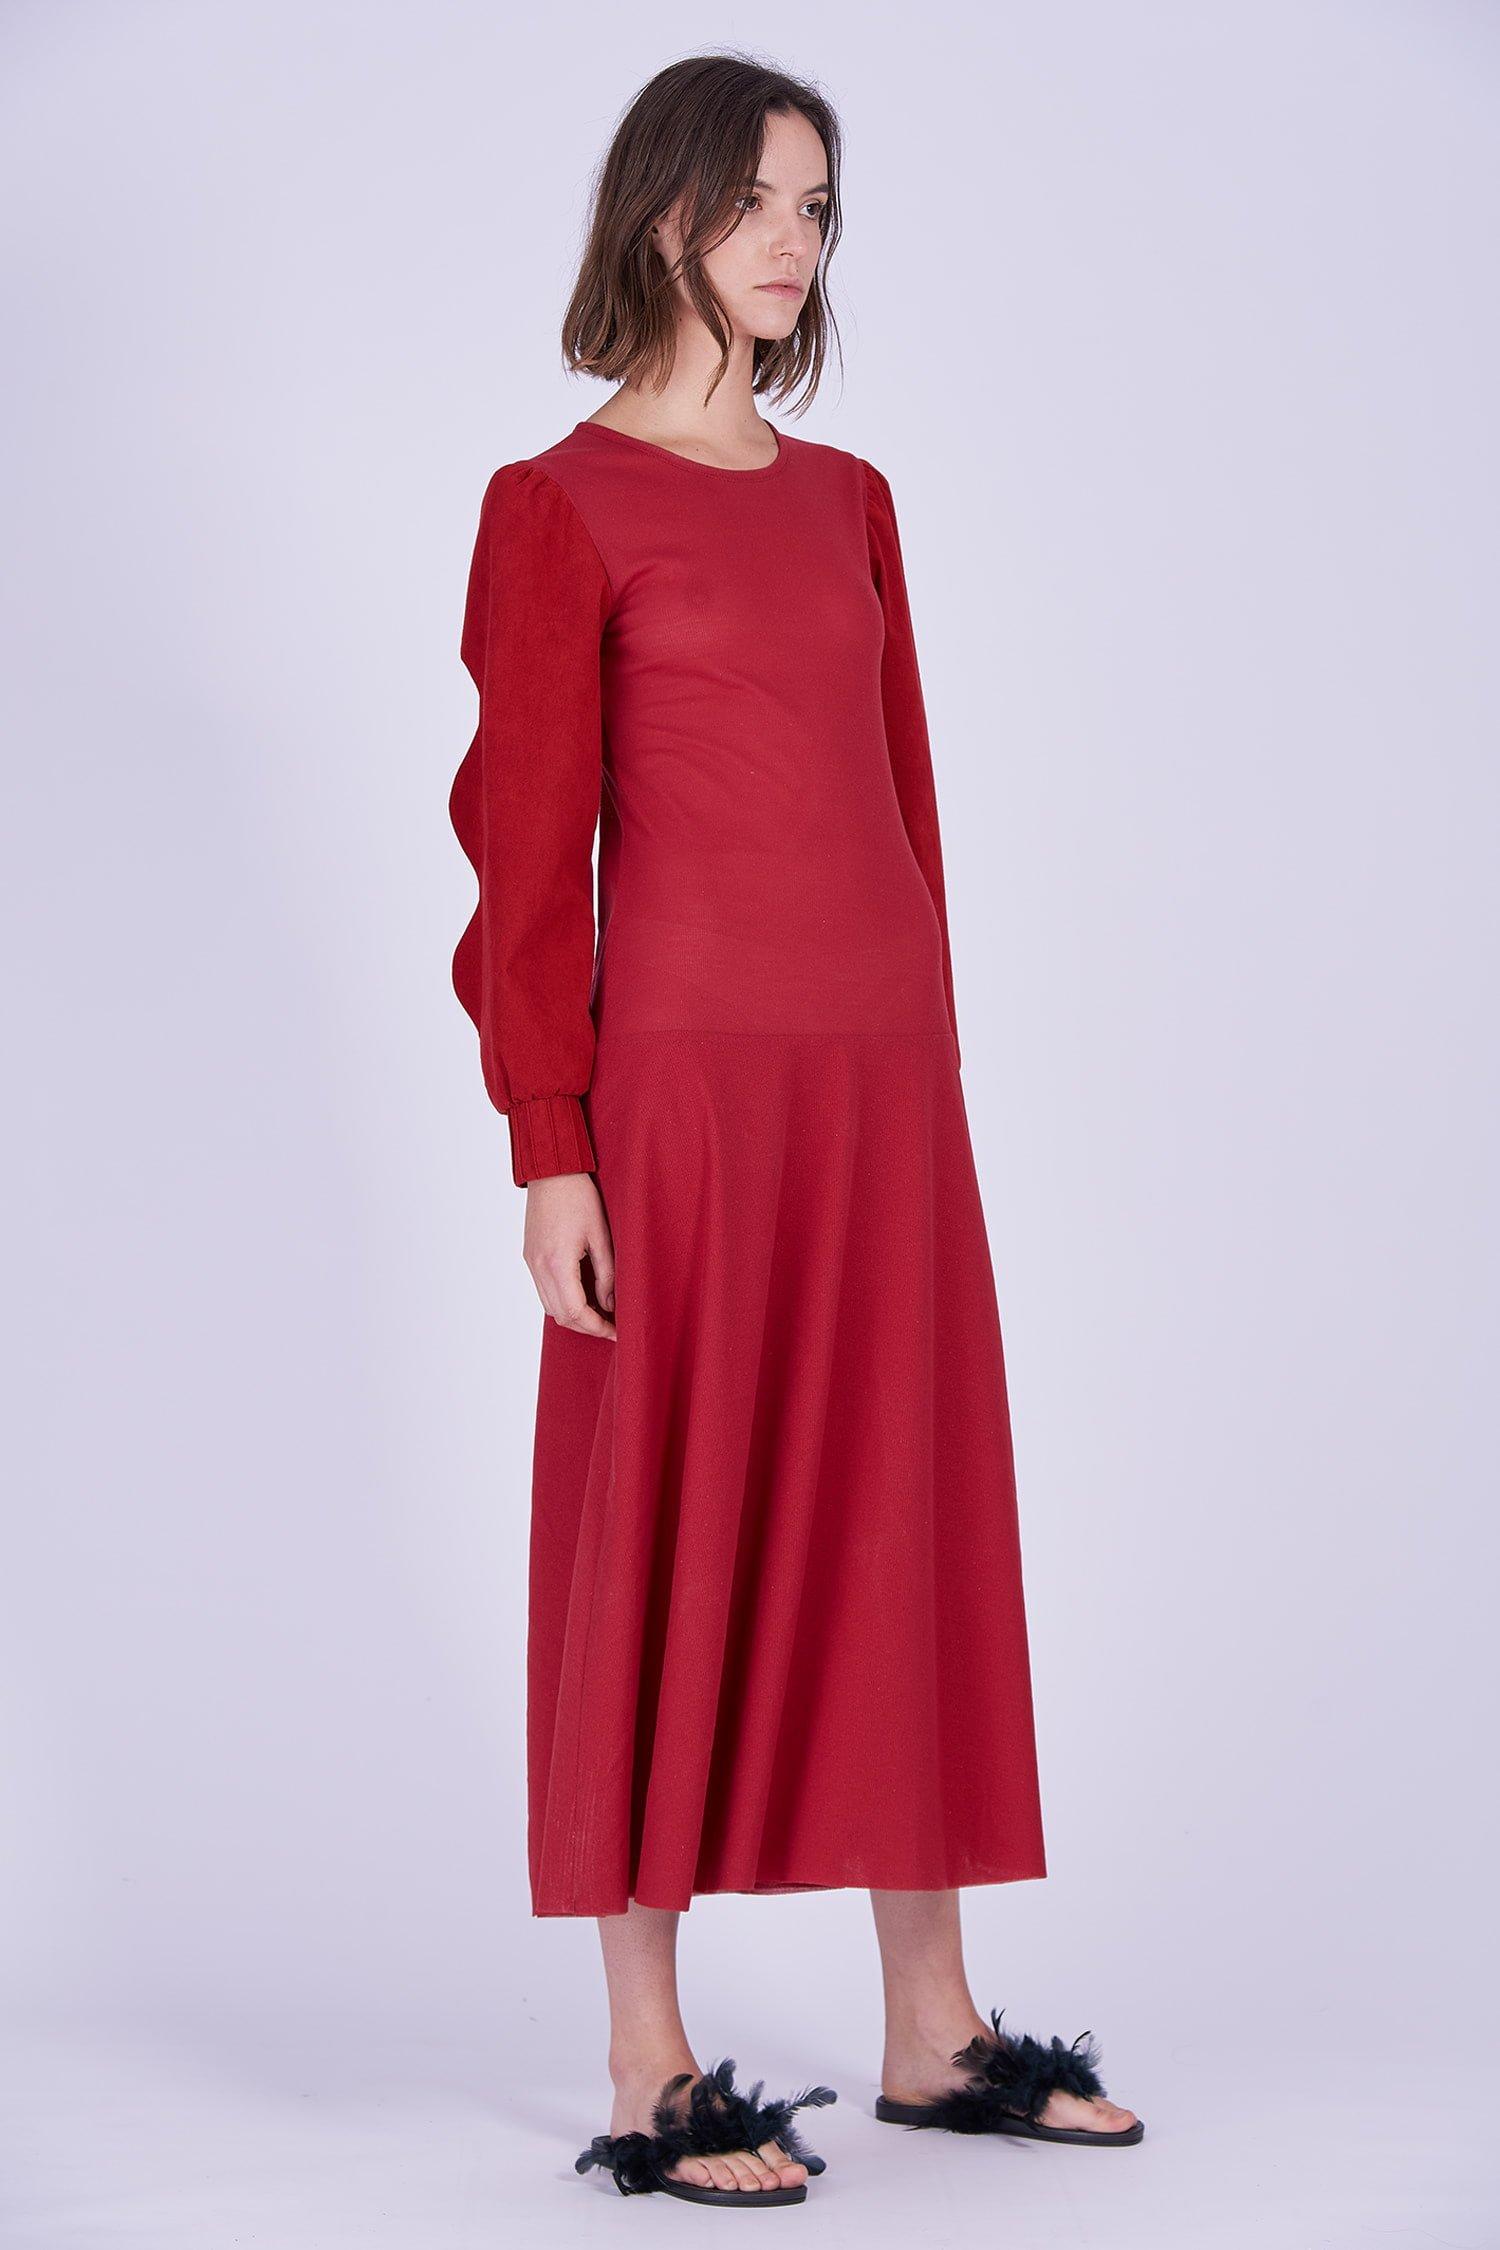 Acephala Ps2020 Red Maxi Evening Dress Czerwona Suknia Wieczorowa Front Side